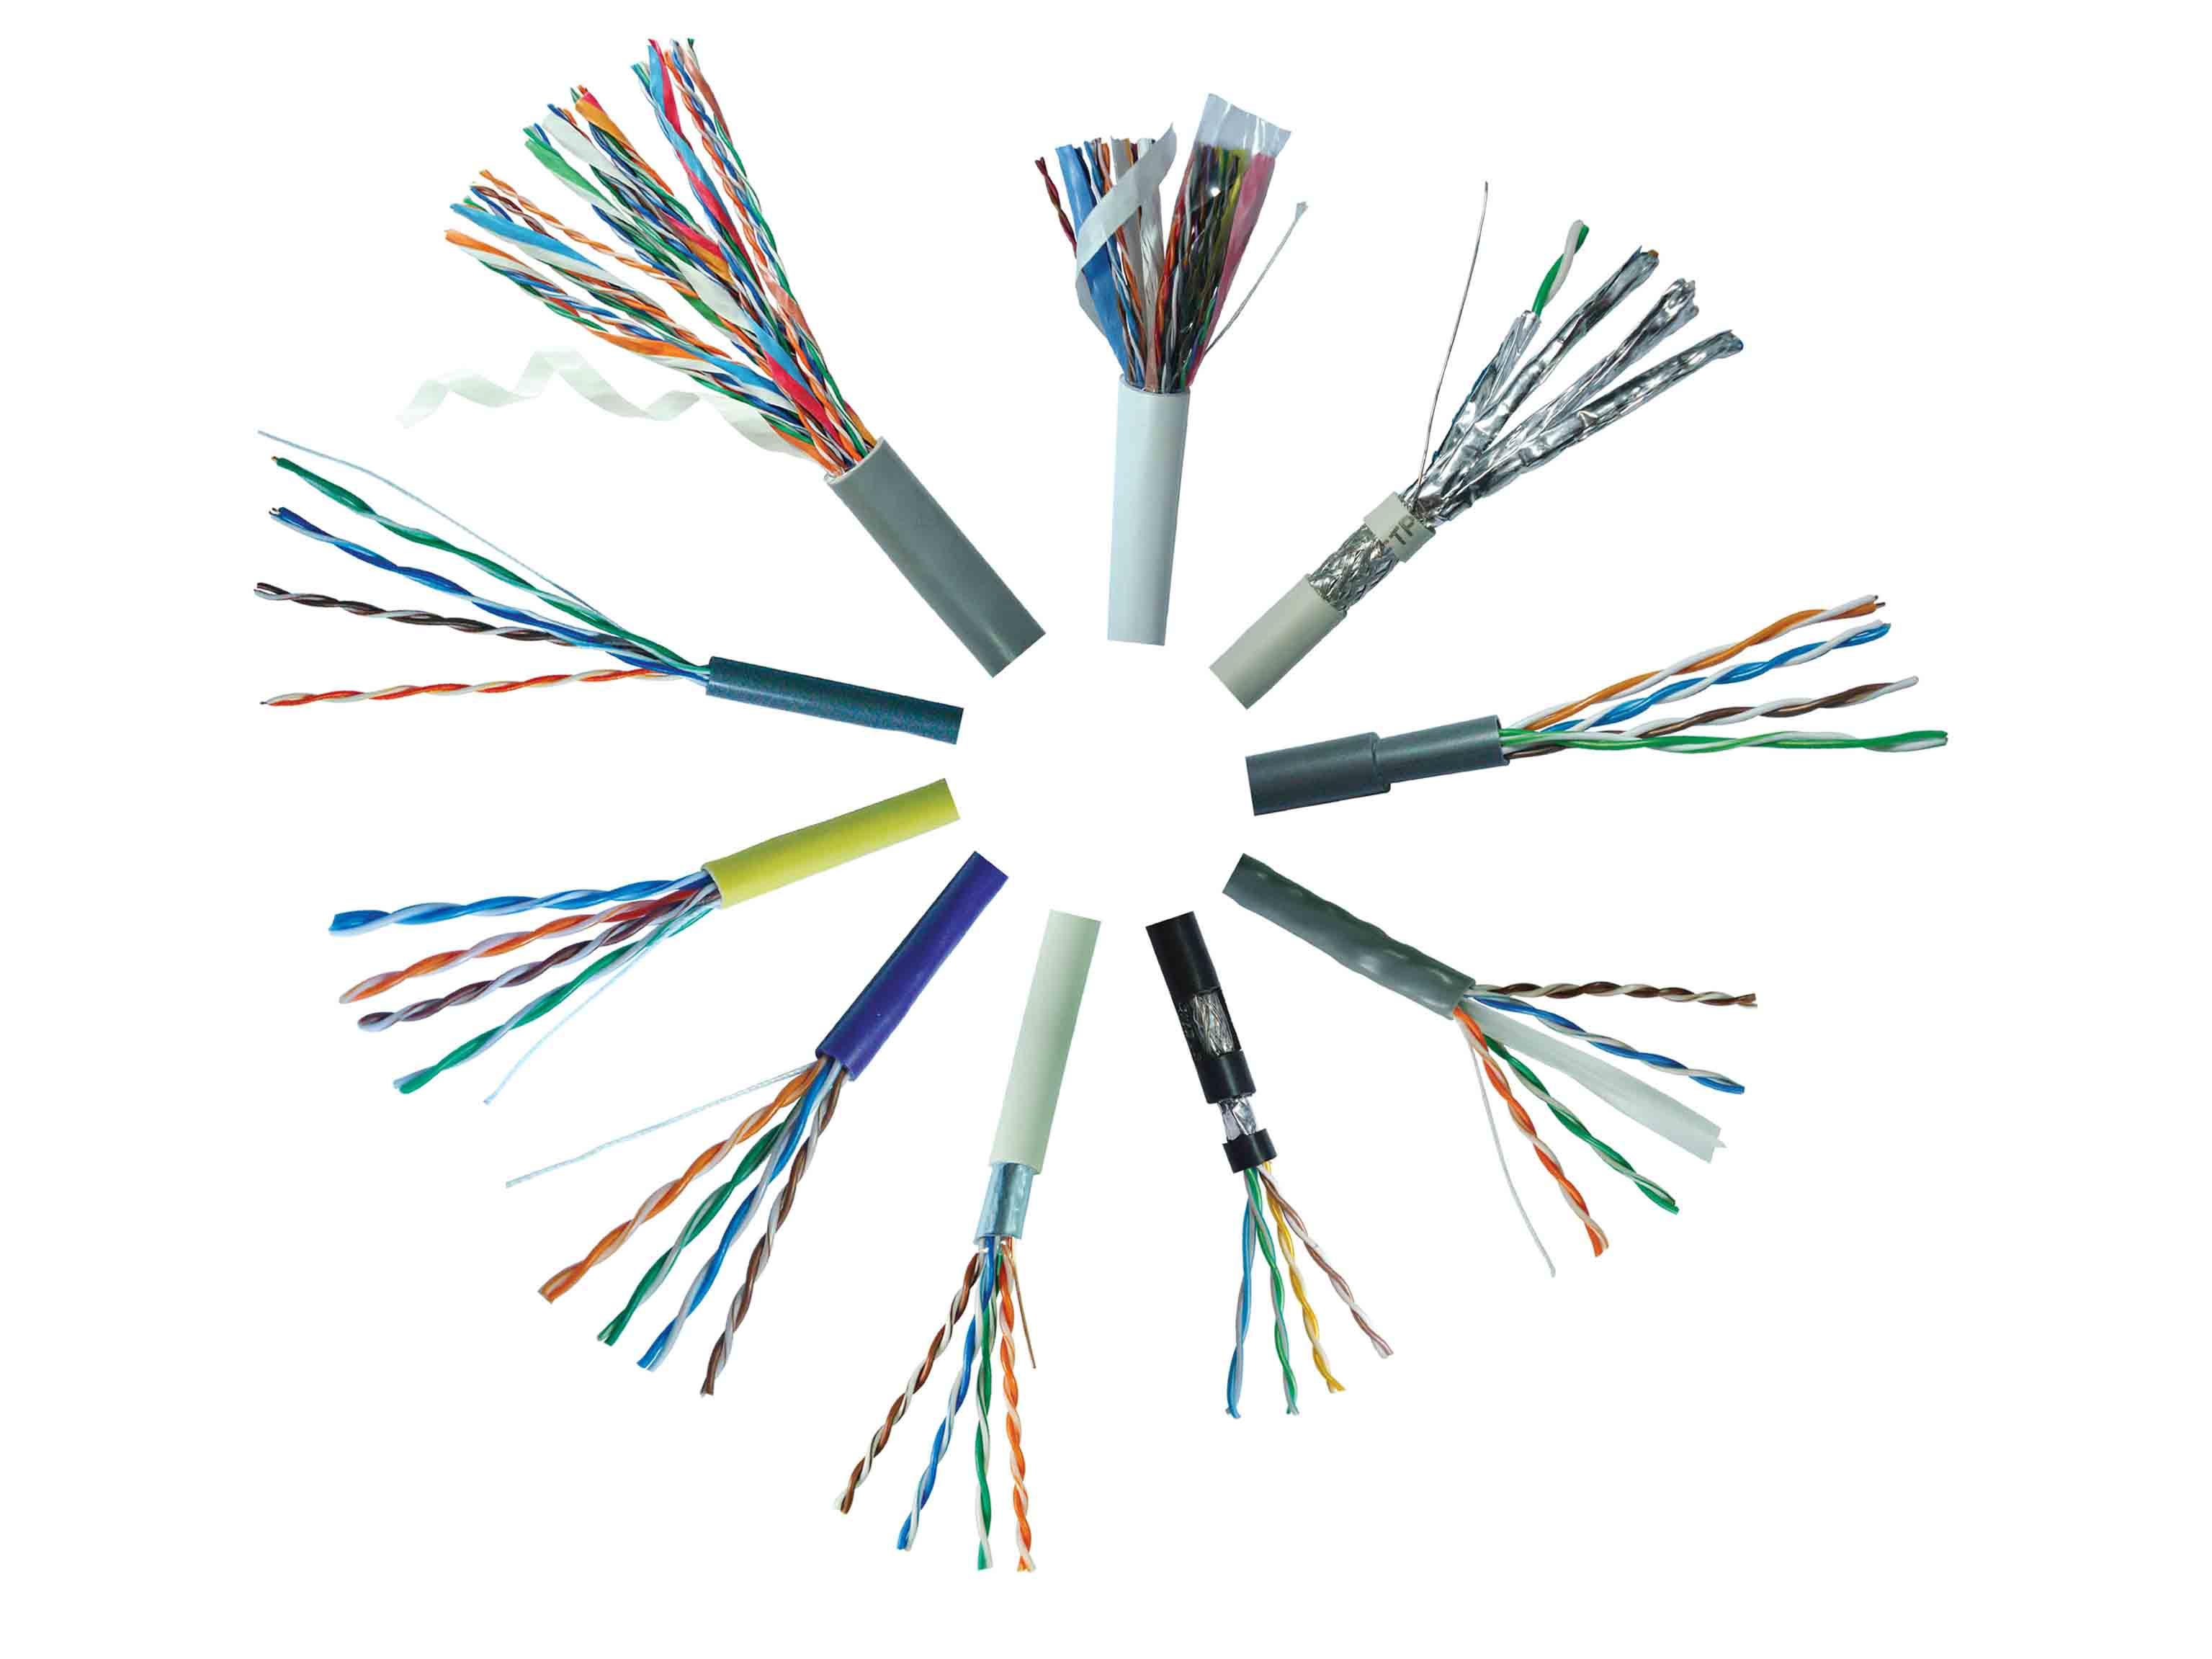 Telecom Copper Cables